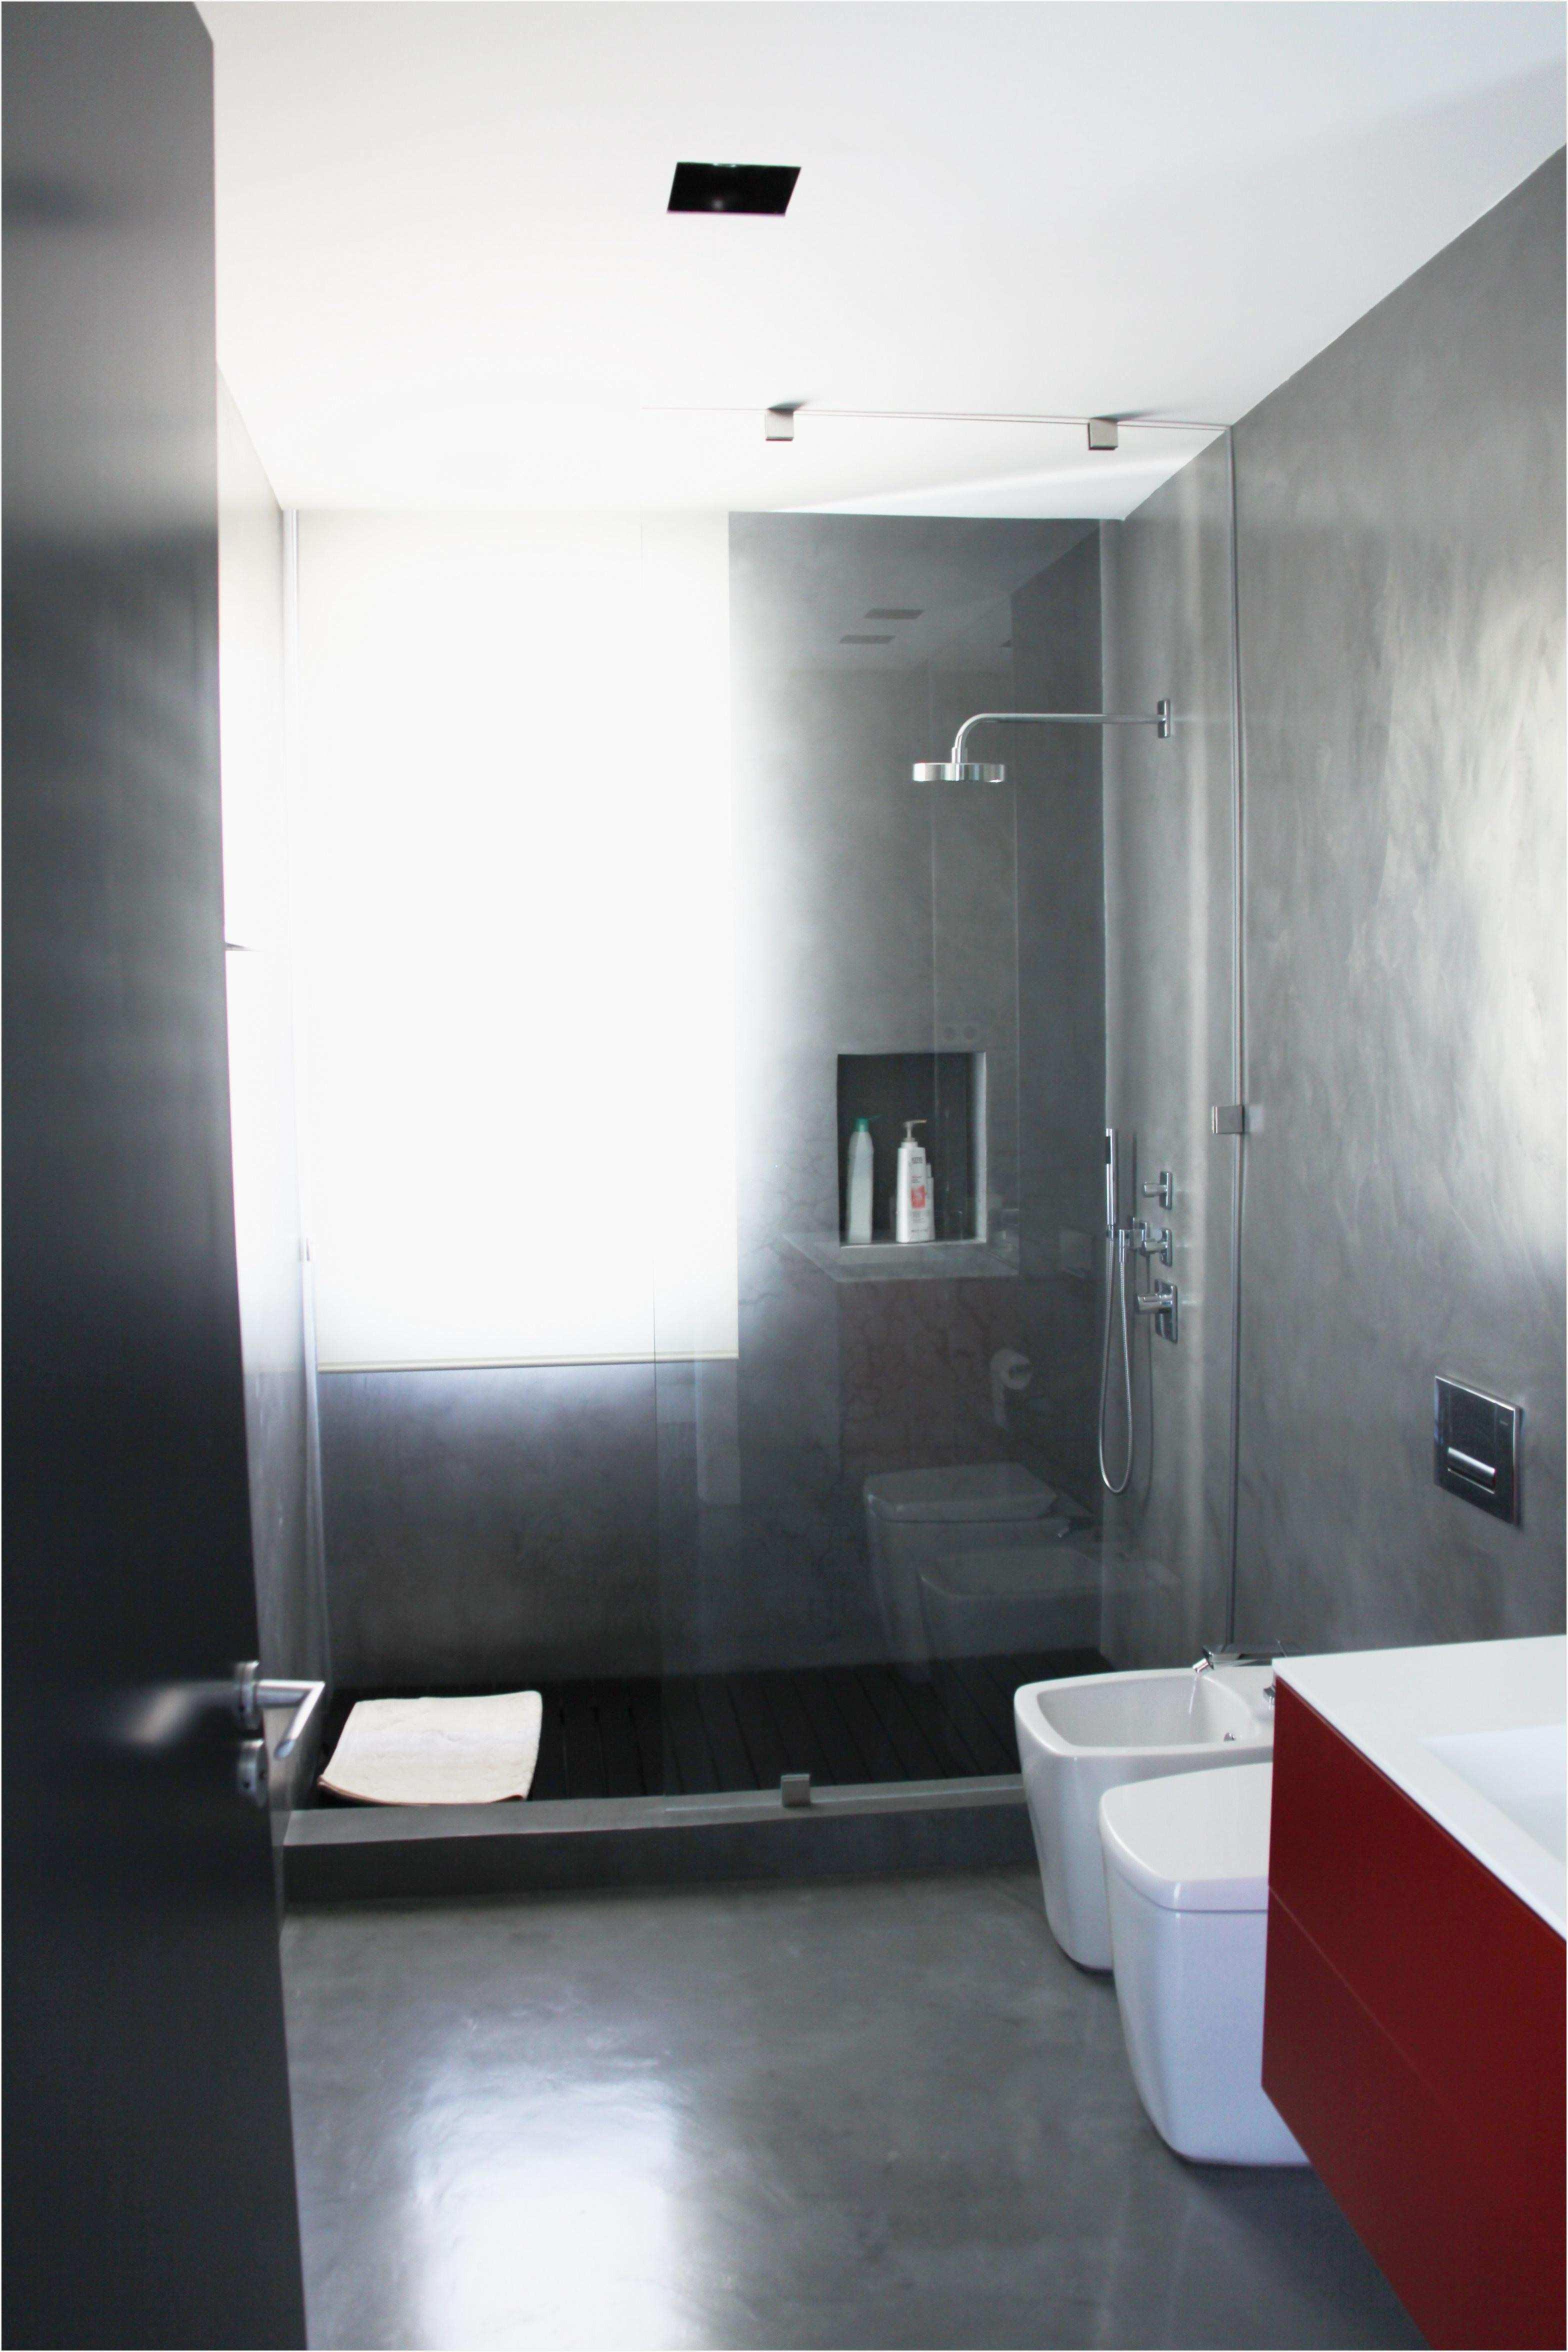 armarios pequea os maravilloso ideas dormitorios pequea os inicio baa os pequea decoracion